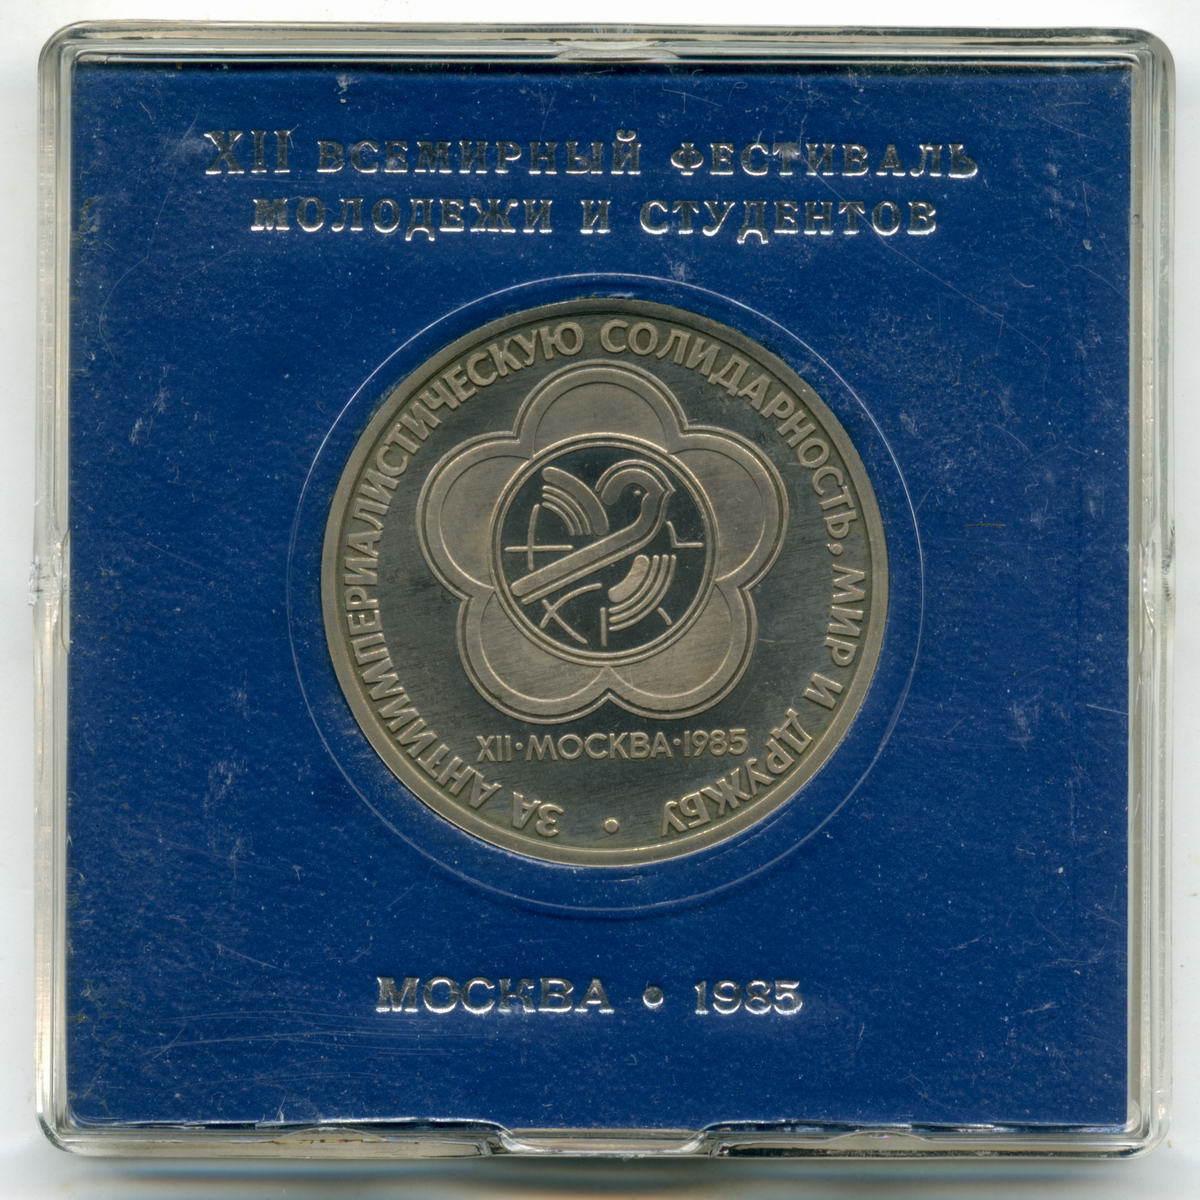 (Стародел PROOF) 1 рубль 1985 год. XII Всемирный фестиваль молодежи и студентов в Москве. В именной коробке